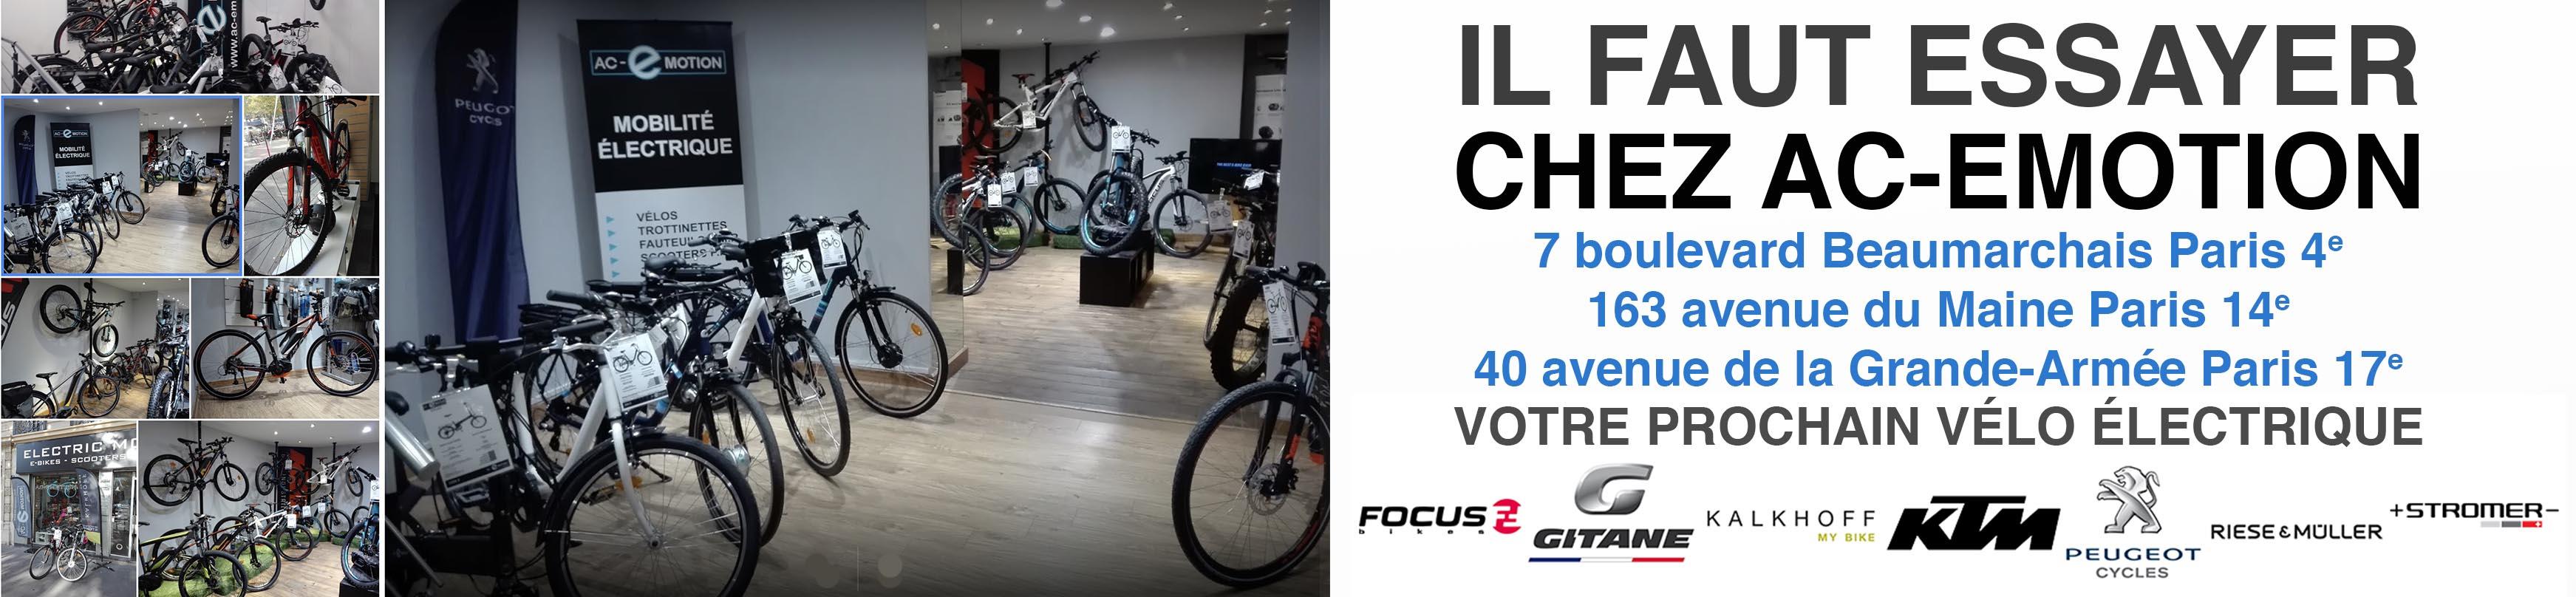 essayez votre prochain vélo électrique chez AC-Emotion : 7 boulevard Beaumarchais Paris 4e / 163 avenue du Maine Paris 14e / 40 avenue de la Grande-Armée Paris 17e